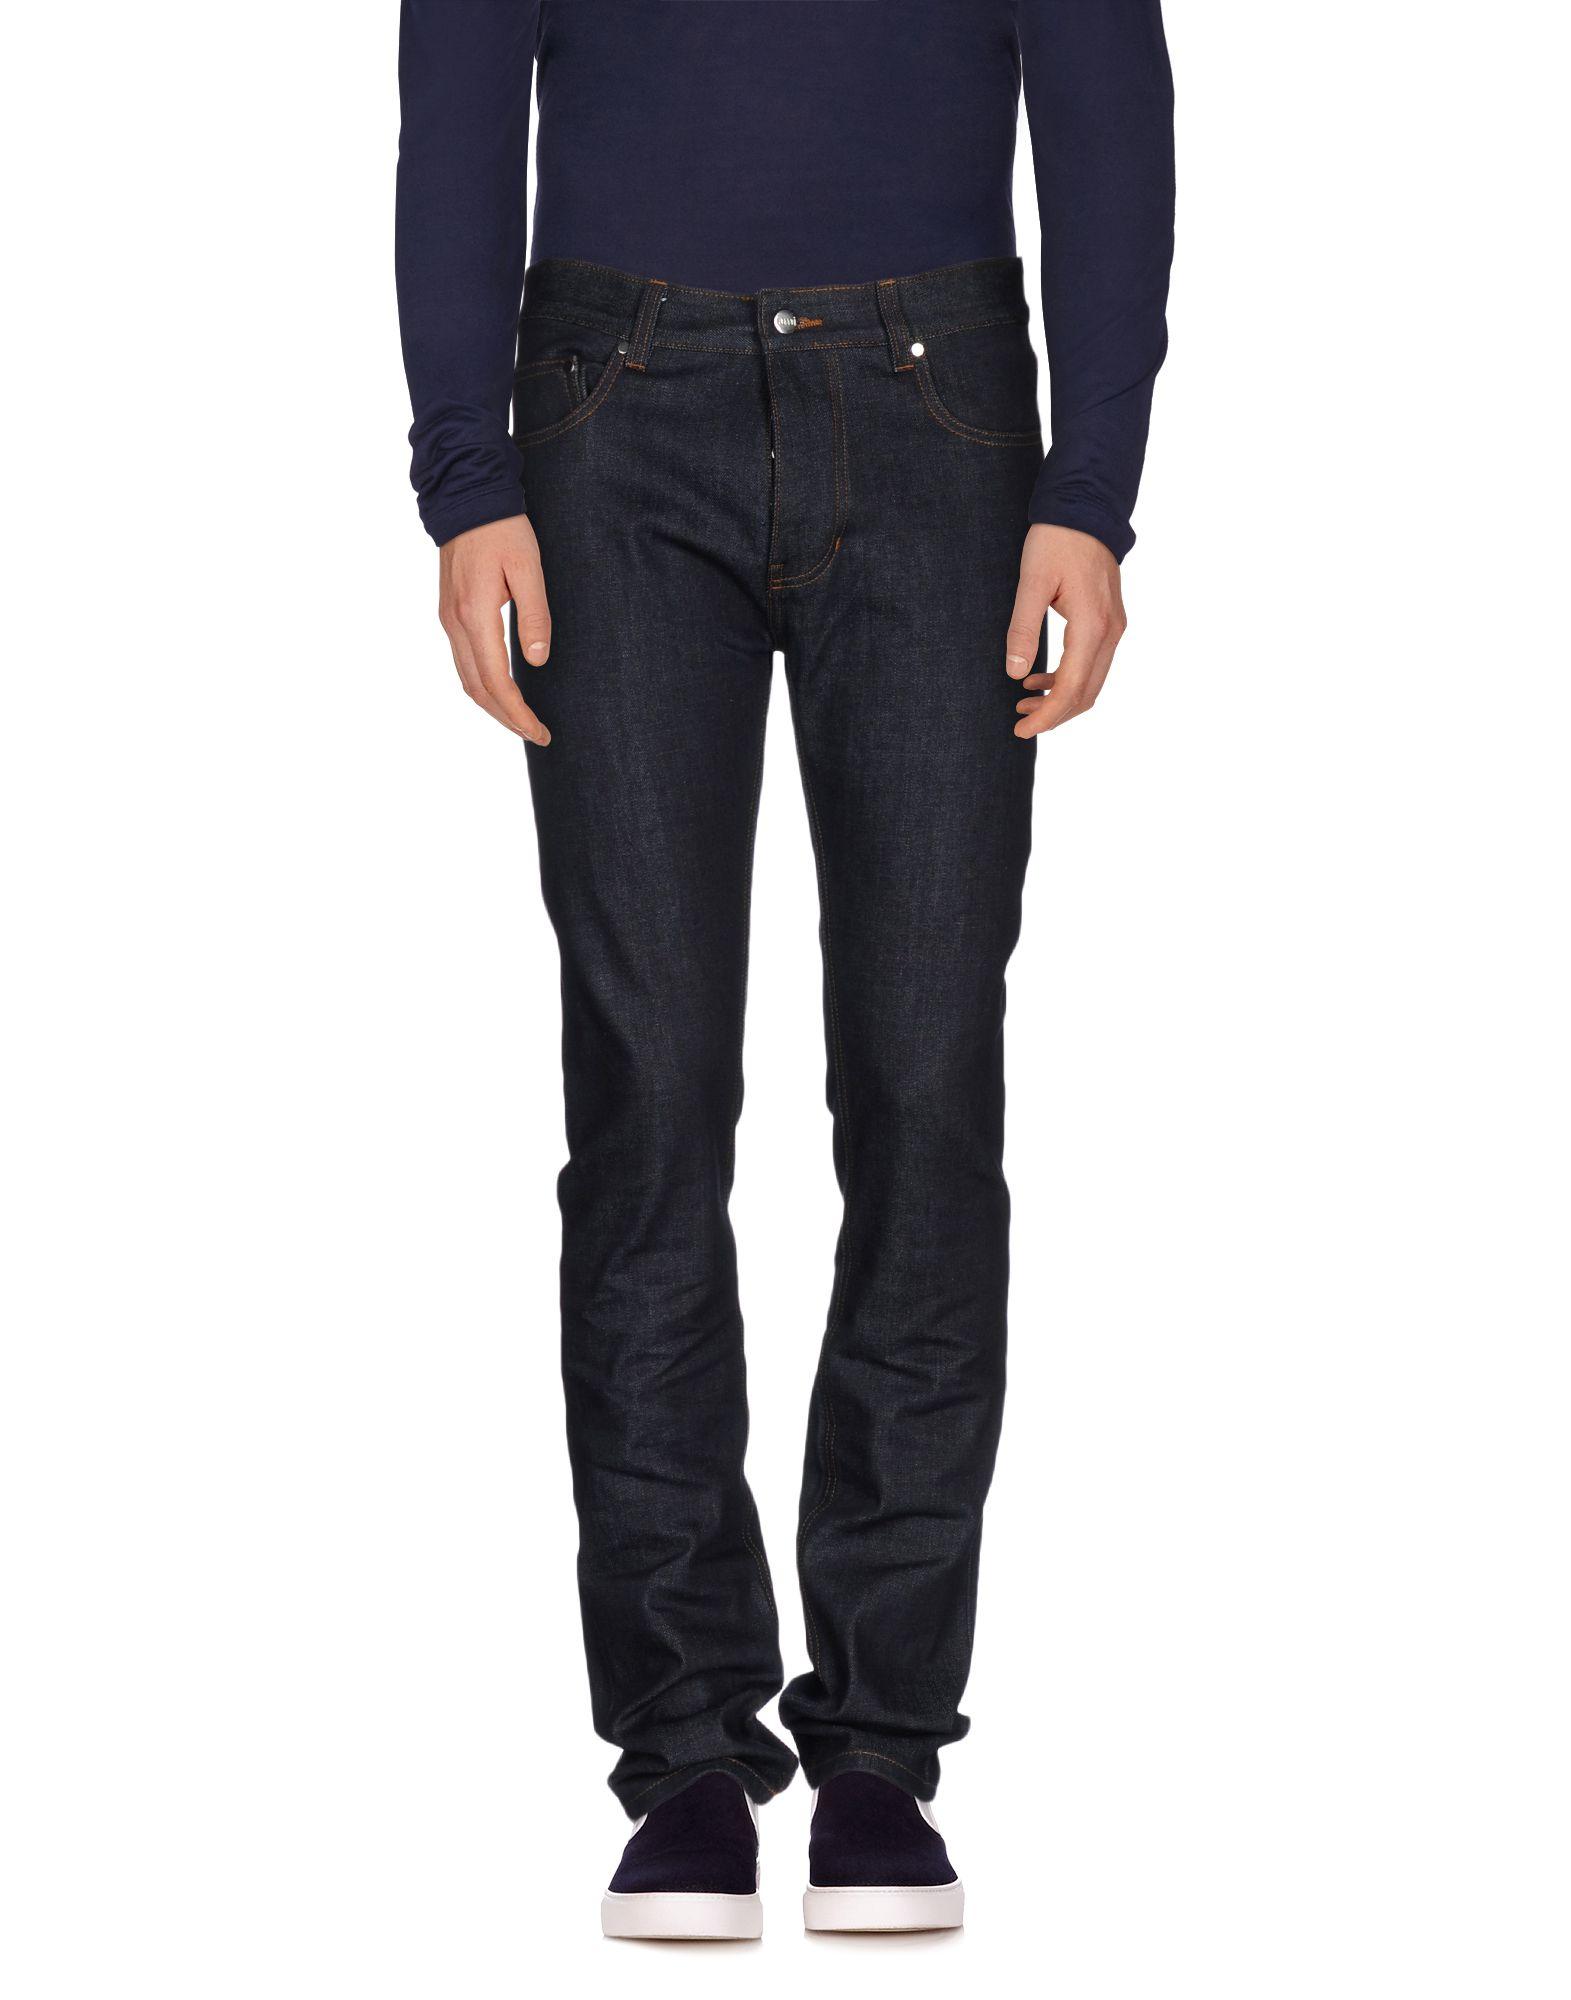 Pantaloni Jeans Jeans Pantaloni Ami Alexandre Mattiussi Uomo - 42483740IV 933837